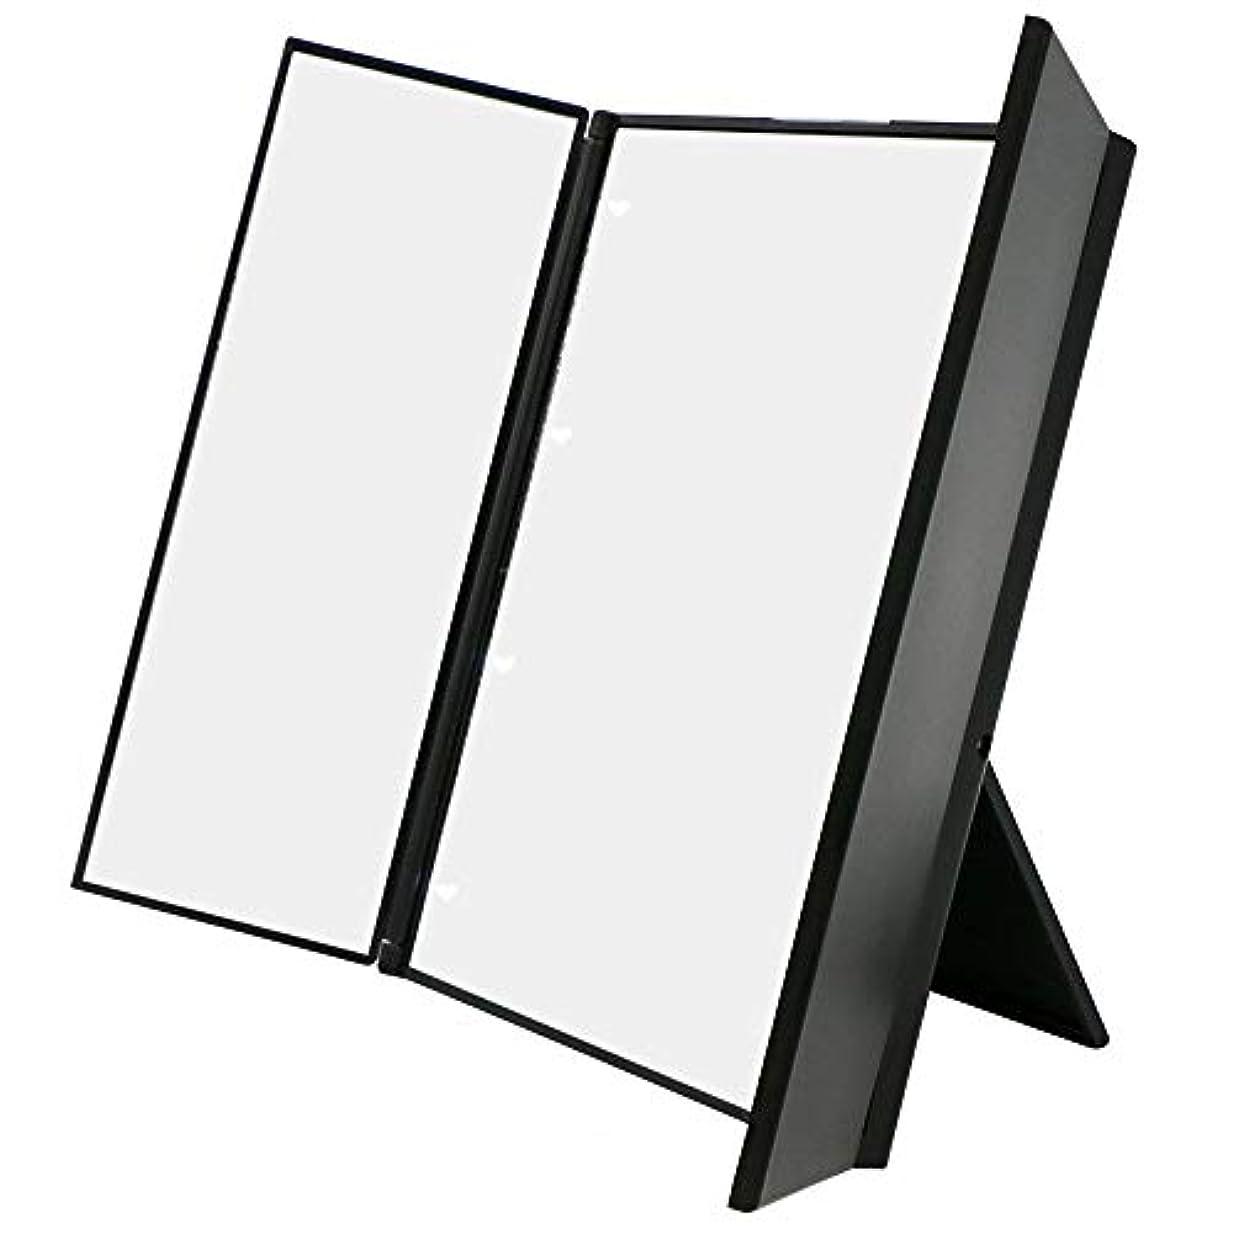 追う別のシプリー化粧鏡 卓上ミラー三面鏡 スタンドミラー LED付き 折りたたみ式 角度調整可能